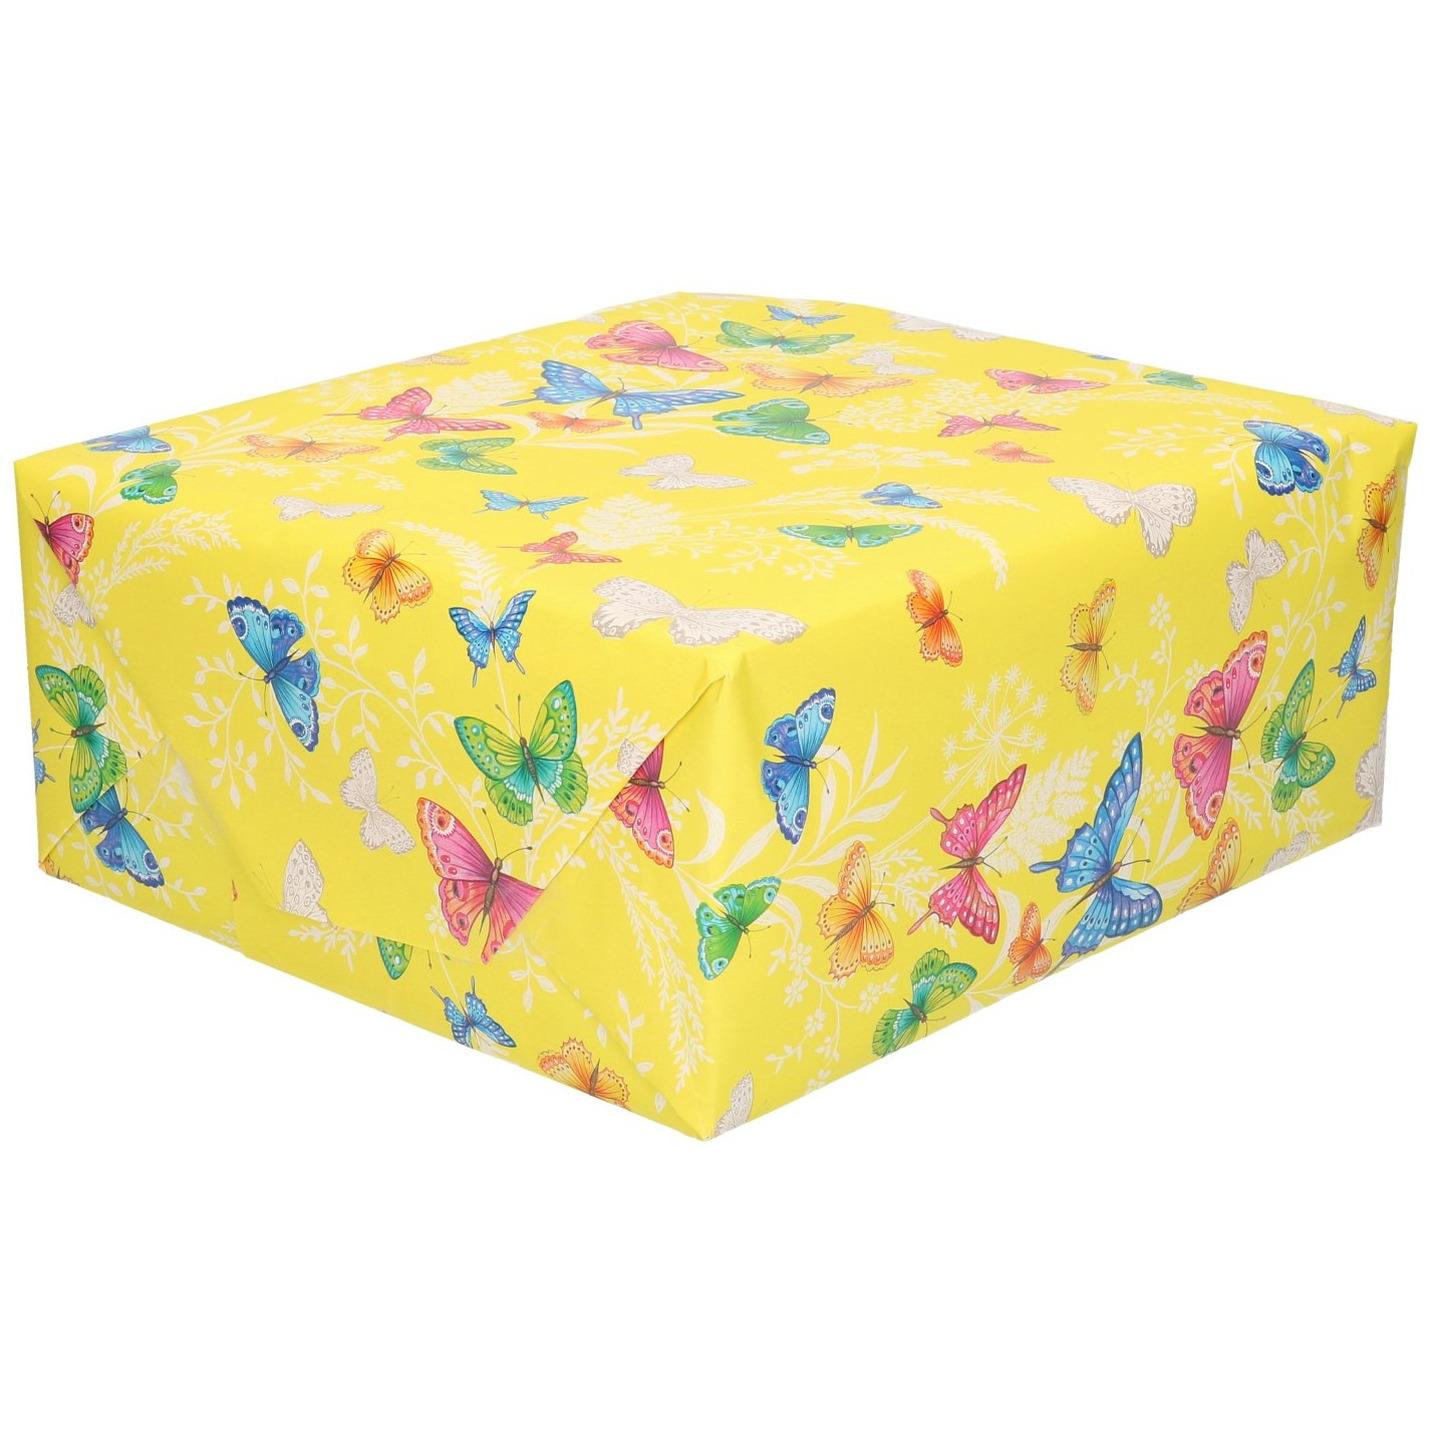 Rollen Inpakpapier/cadeaupapier geel met gekleurde vlinders 200 x 70 cm